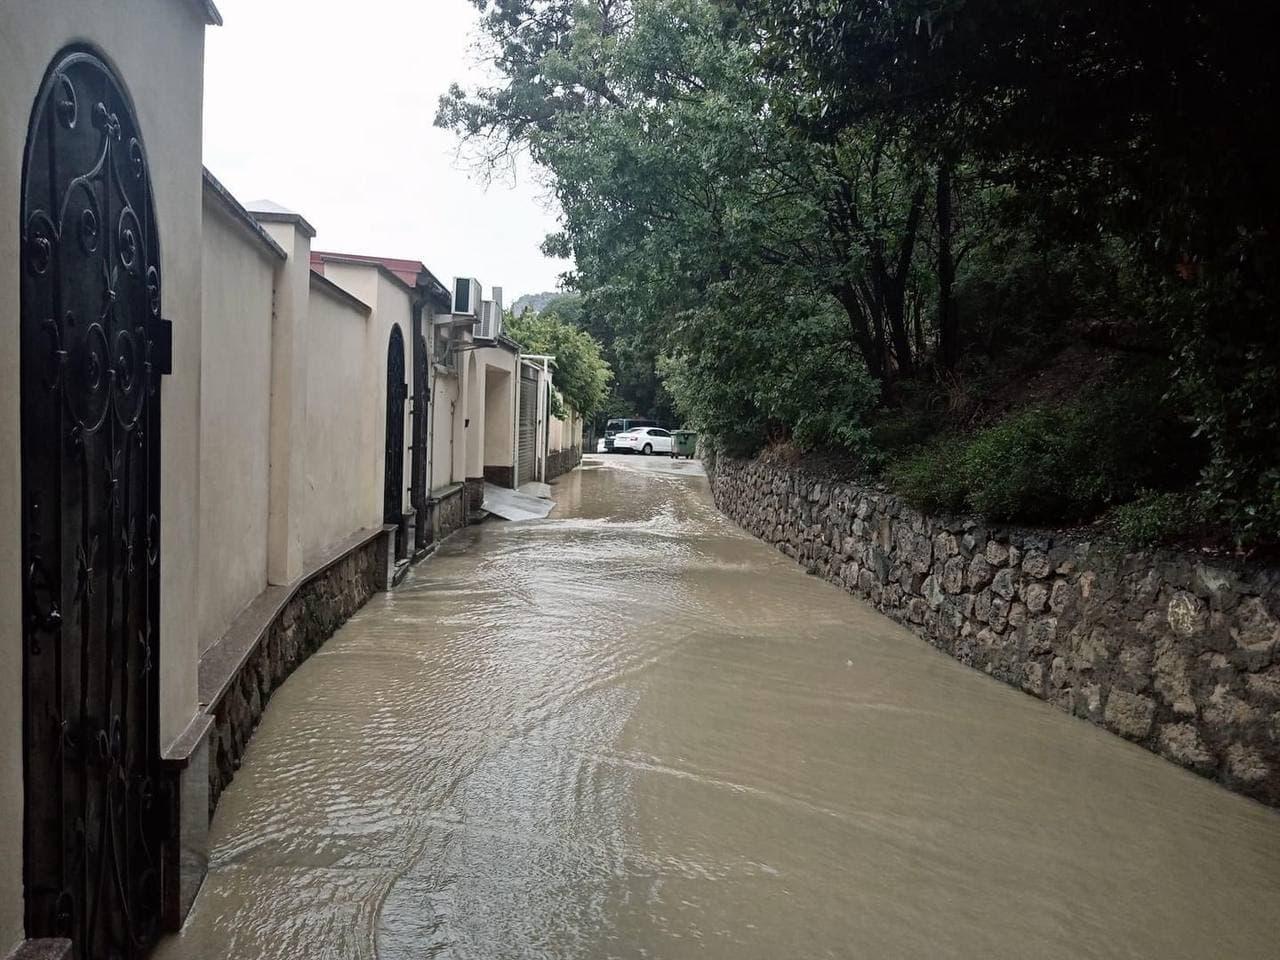 В Крыму и Севастополе 4 июля 2021 снова ливни: сходят сели, есть подтопленные дома и дороги. Прямая онлайн-трансляция